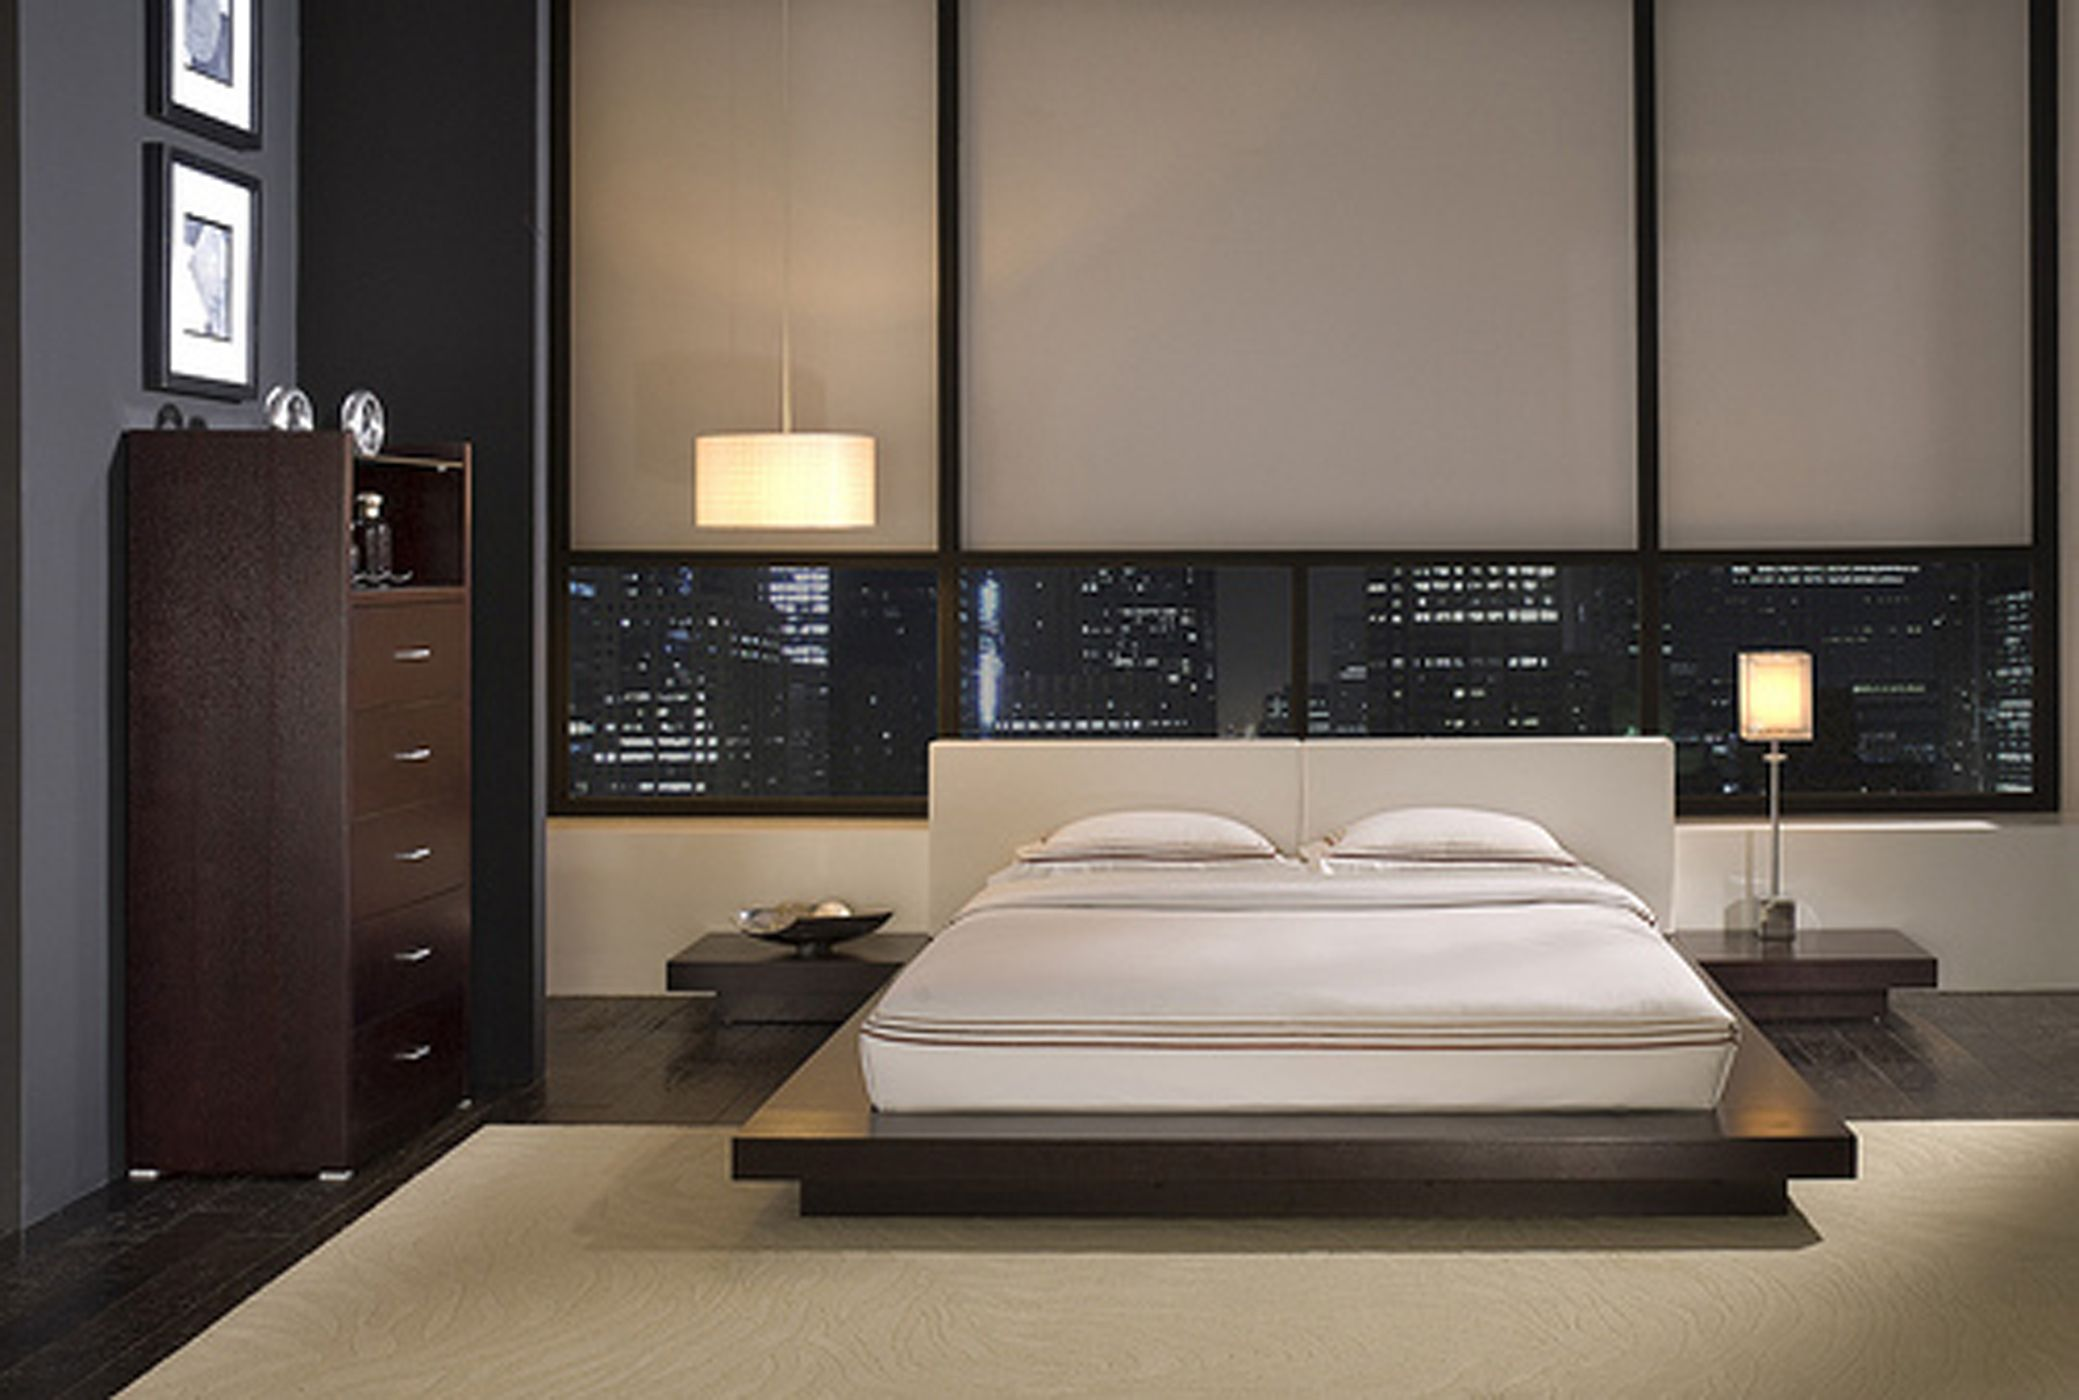 17 best images about bedroom design on pinterest   modern interior